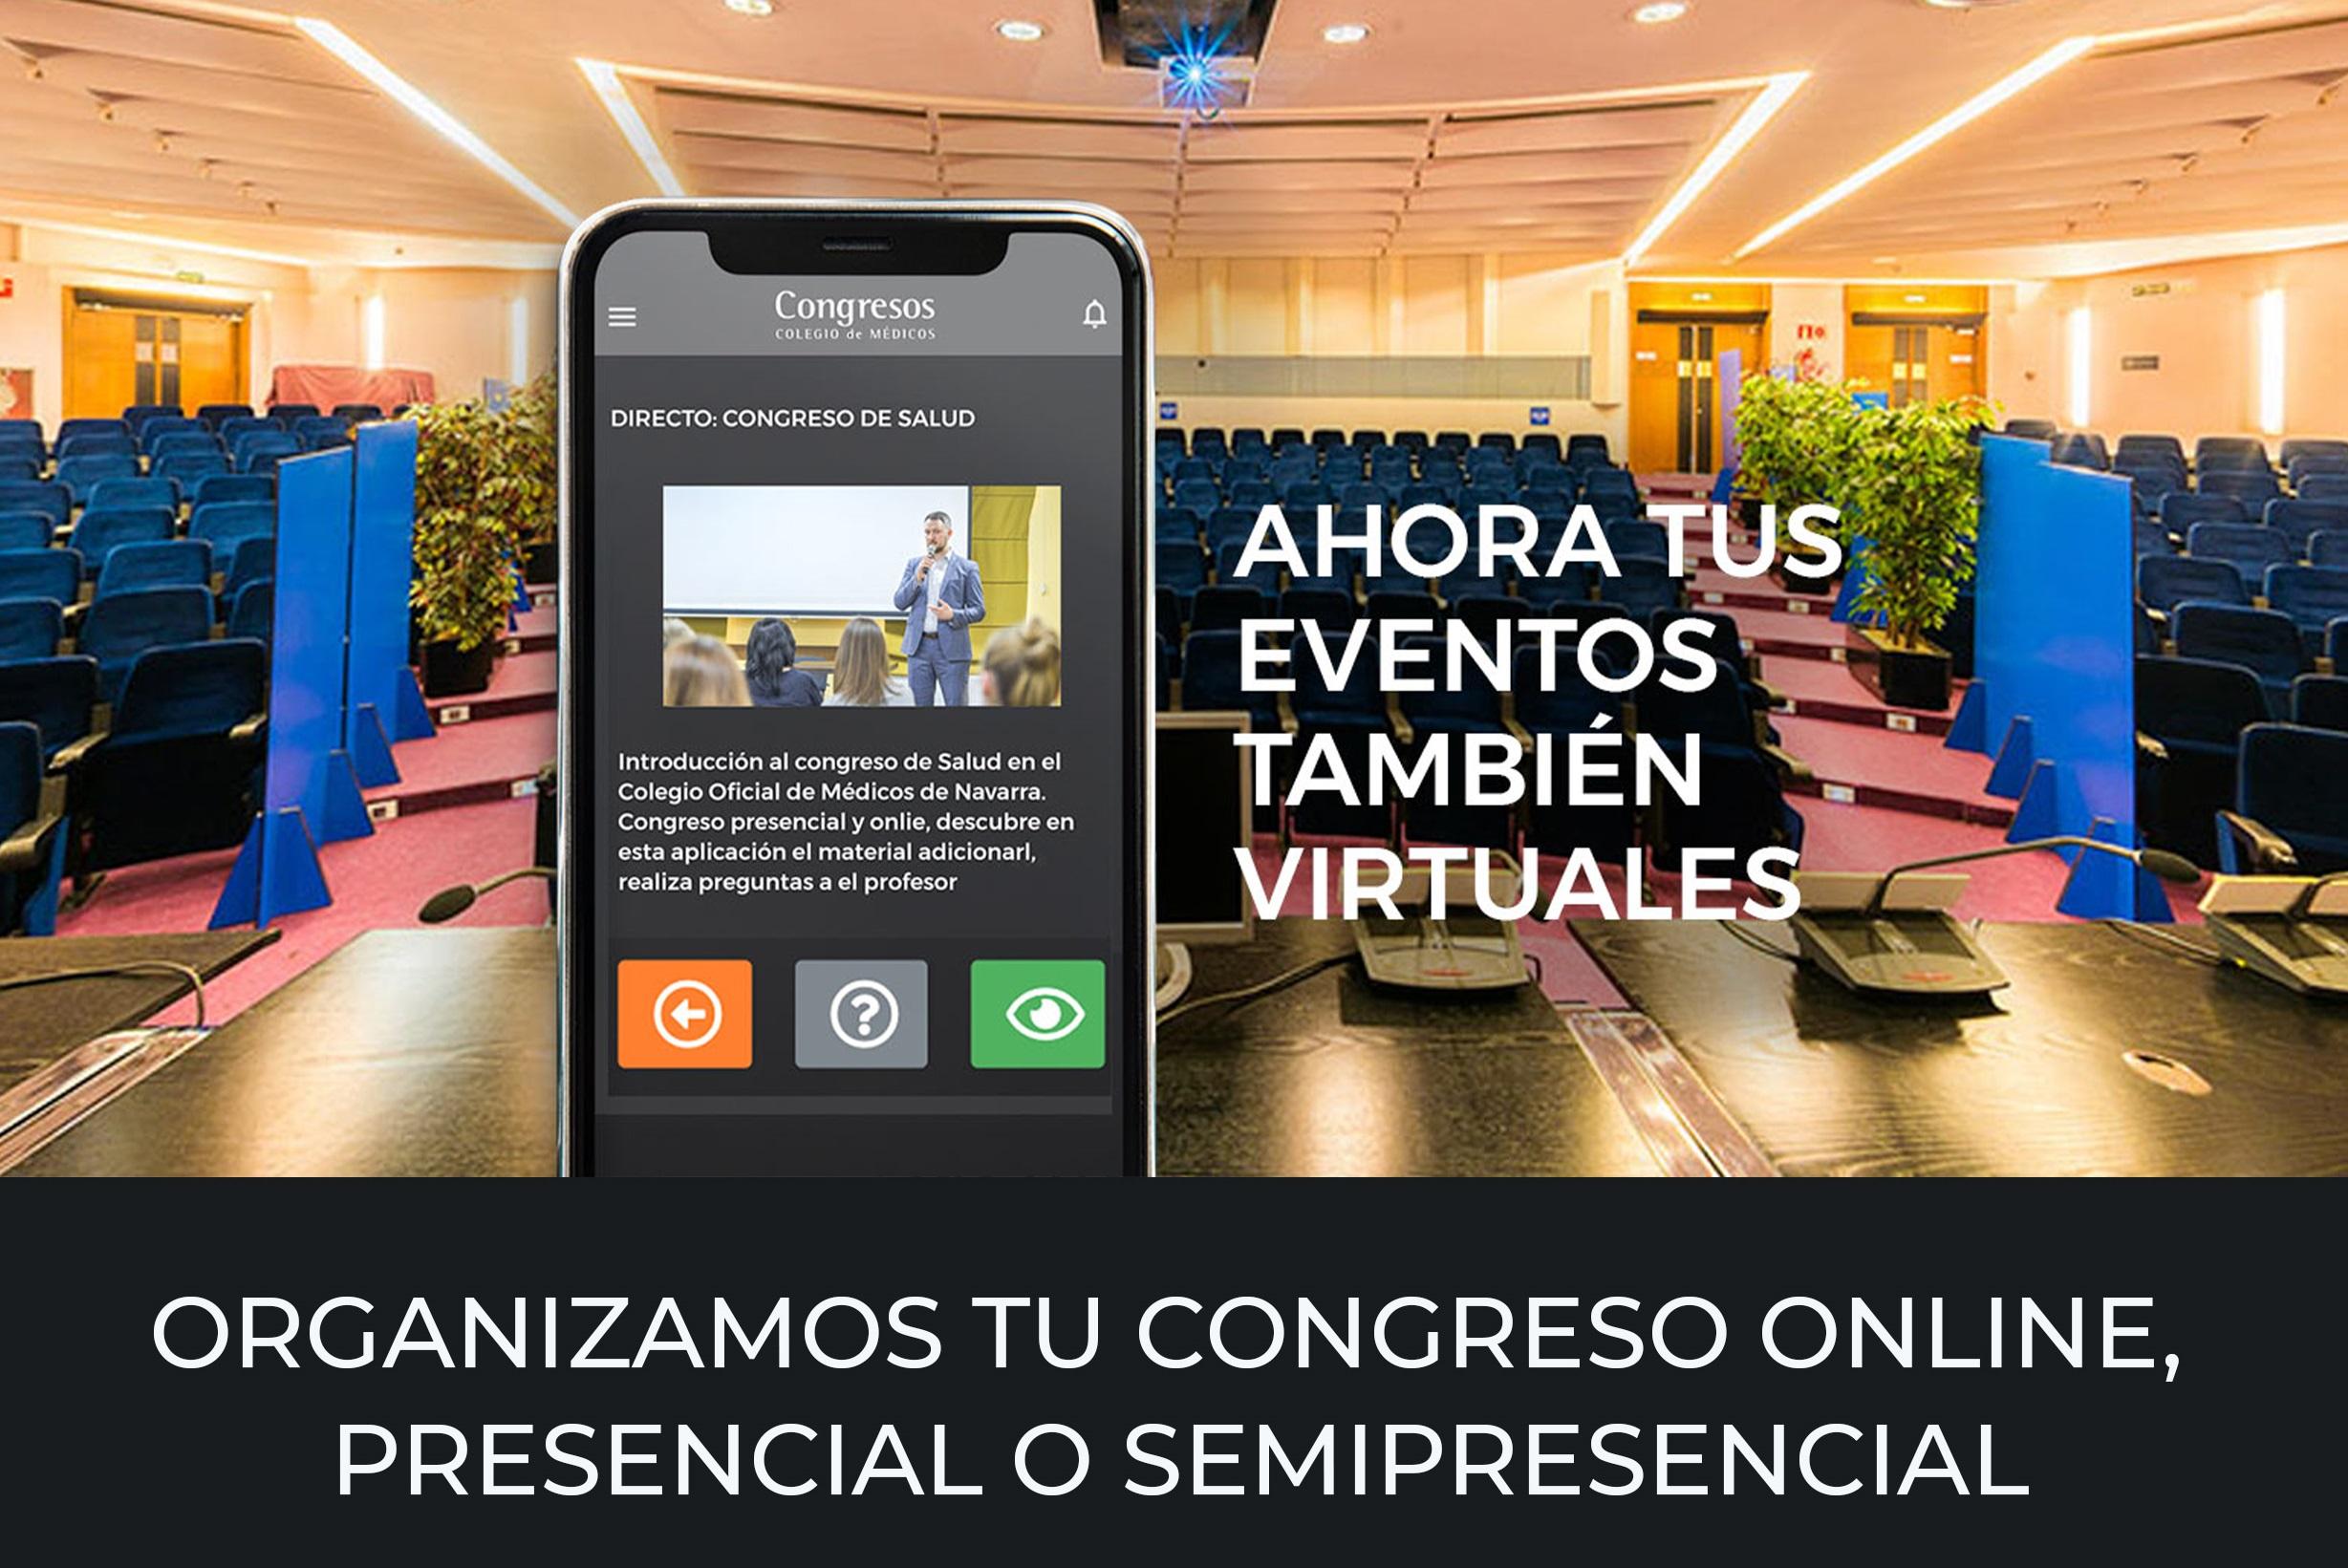 Tu Colegio contigo: Ahora tus eventos también virtuales. Organizamos tu Congreso online, presencial o semipresencial.